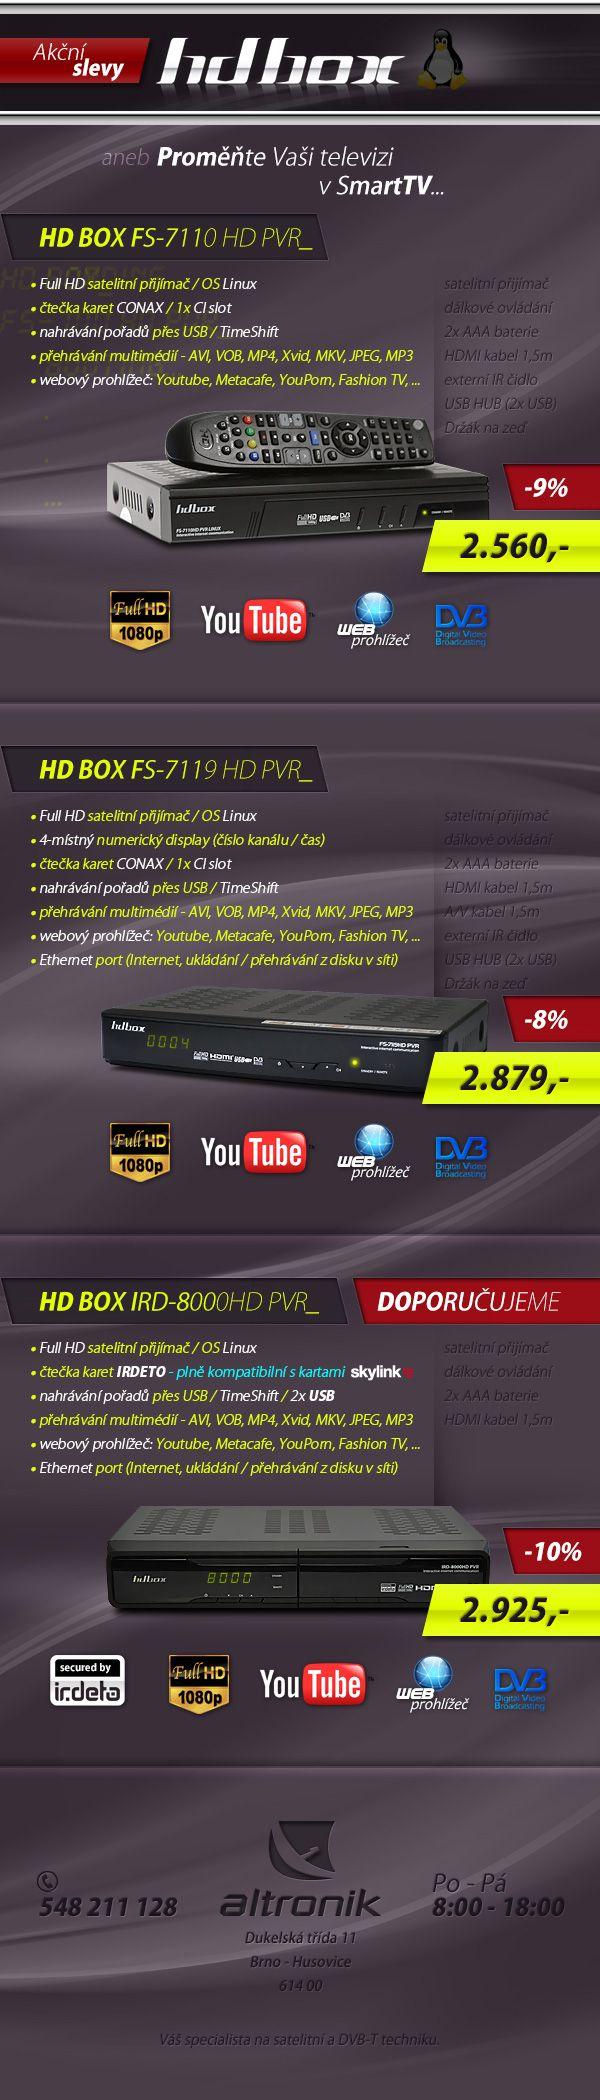 HD-BOXy - newsletter